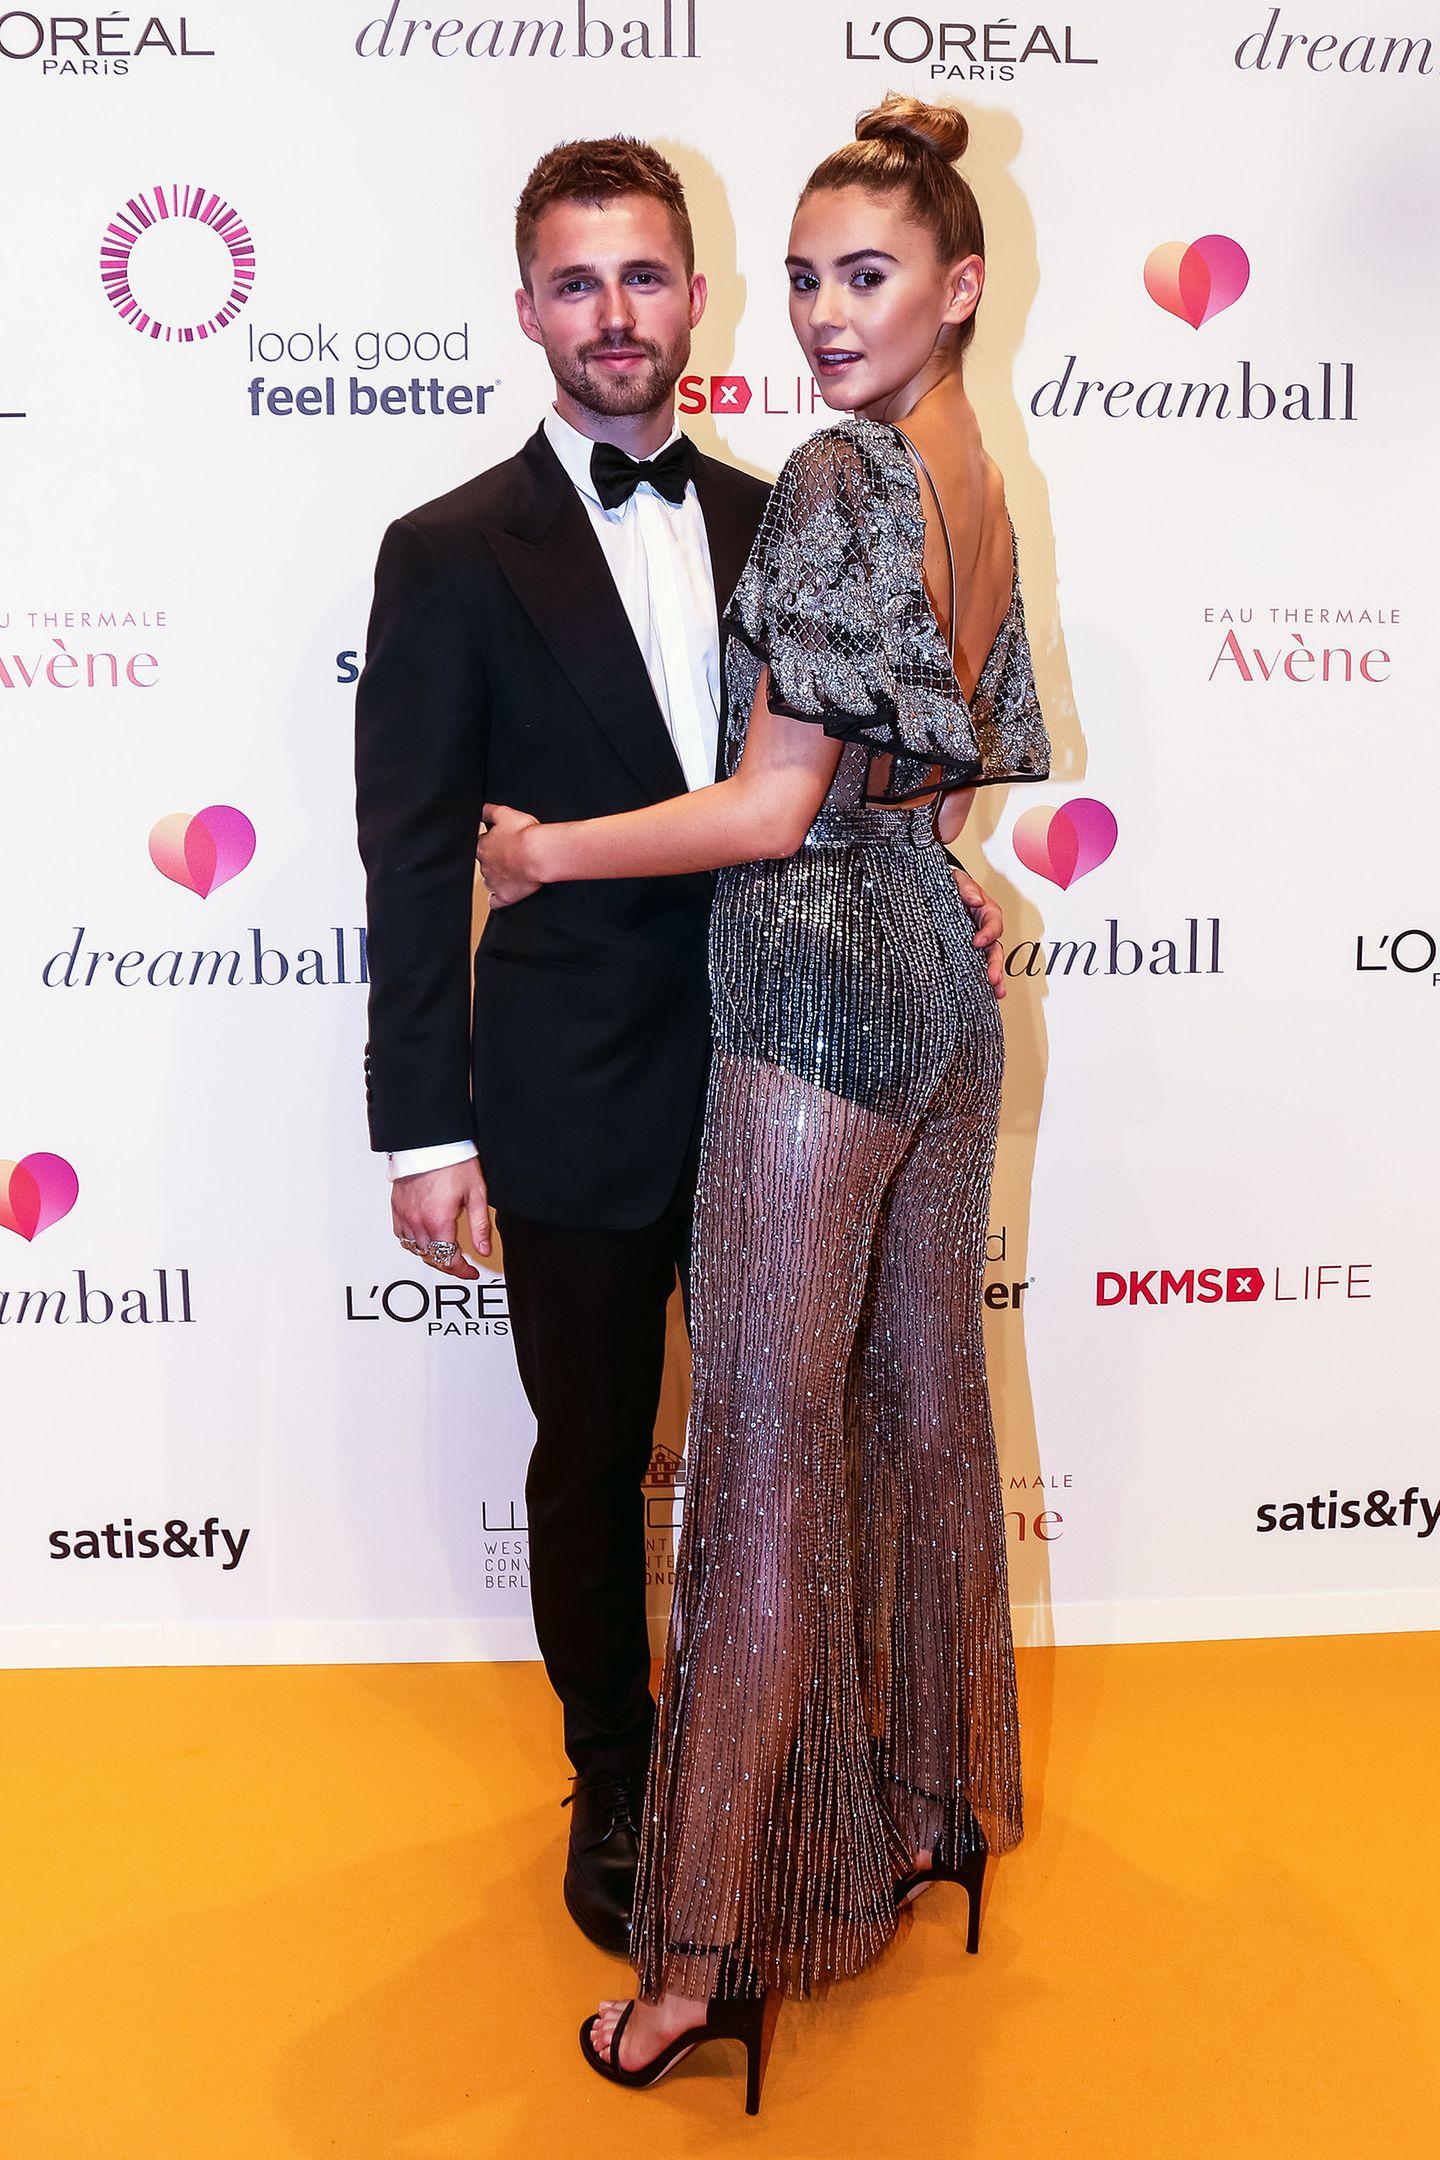 Topmodel Stefanie Giesinger und YouTube-Star Marcus Butlersind unser deutsch-englisches Traumpaar. Die beiden lernten sich 2016 in Cannes kennen und lieben.